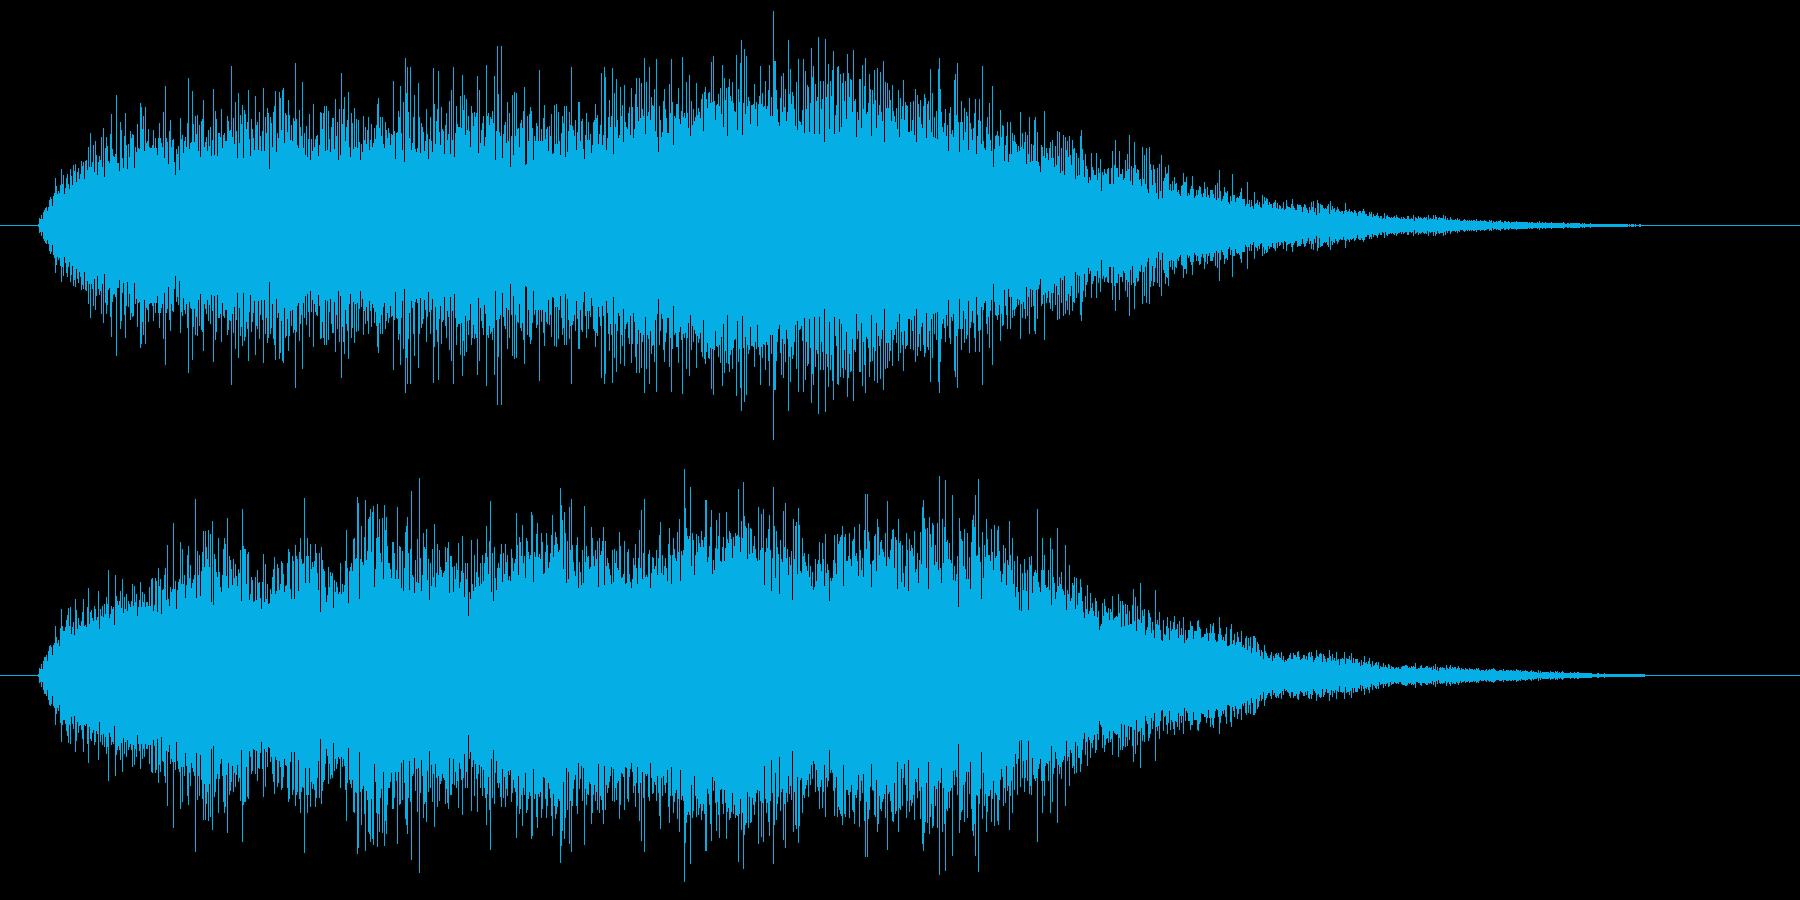 オルガンの和音が広がる音の再生済みの波形